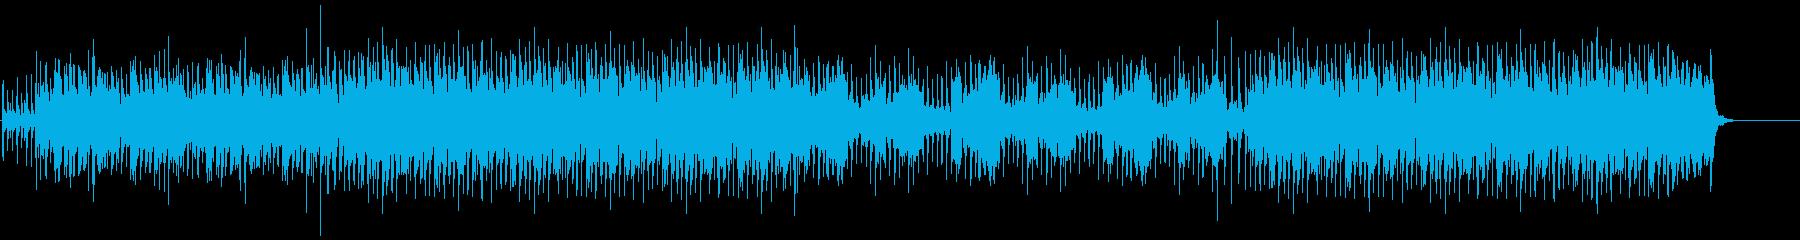 クールに駆け抜ける軽快なジャズの再生済みの波形